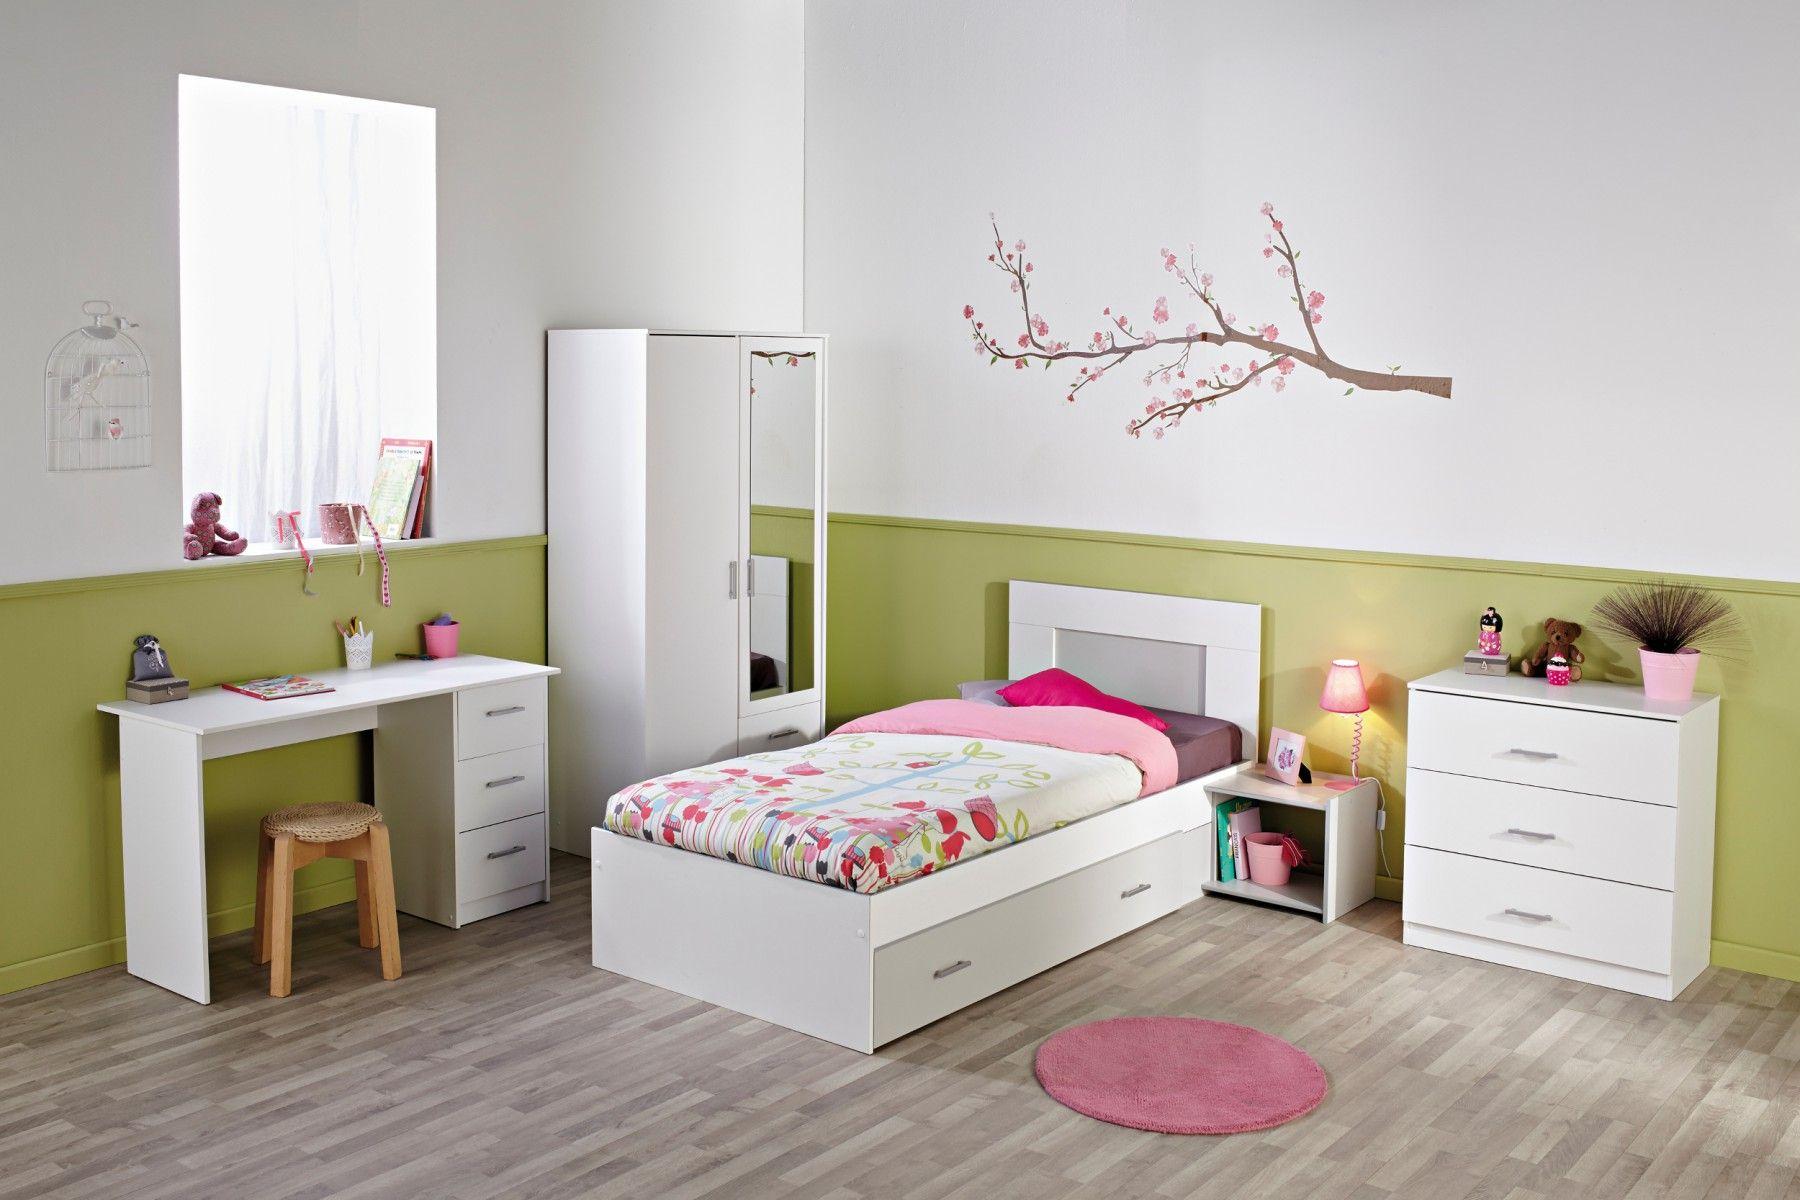 Déco chambre enfant bois blanc et gris june. chambre enfant complète